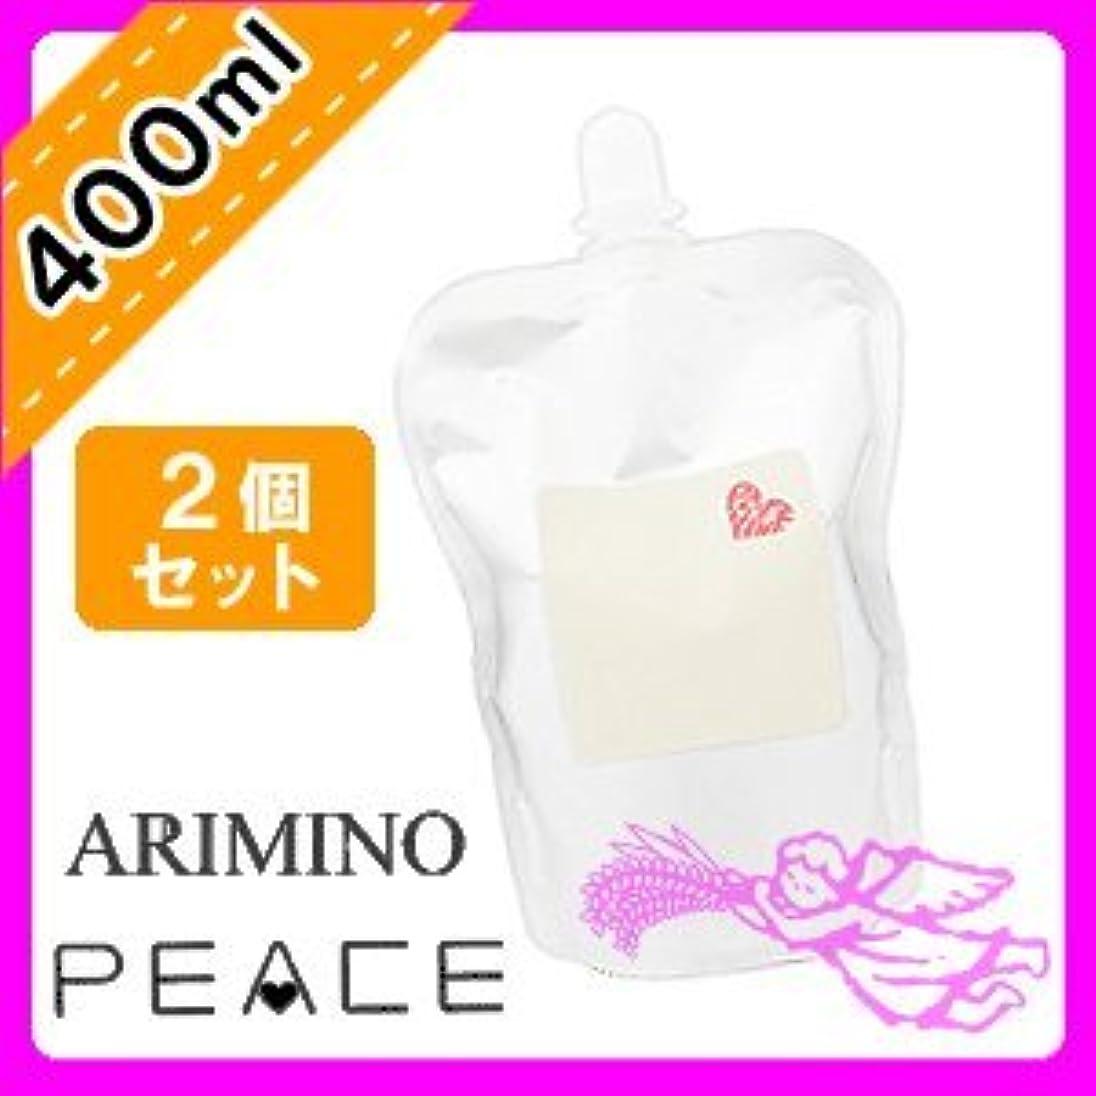 アリミノ ピース ホイップワックス ナチュラルウェーブ ホイップ400mL ×2個 セット詰め替え用 arimino PEACE